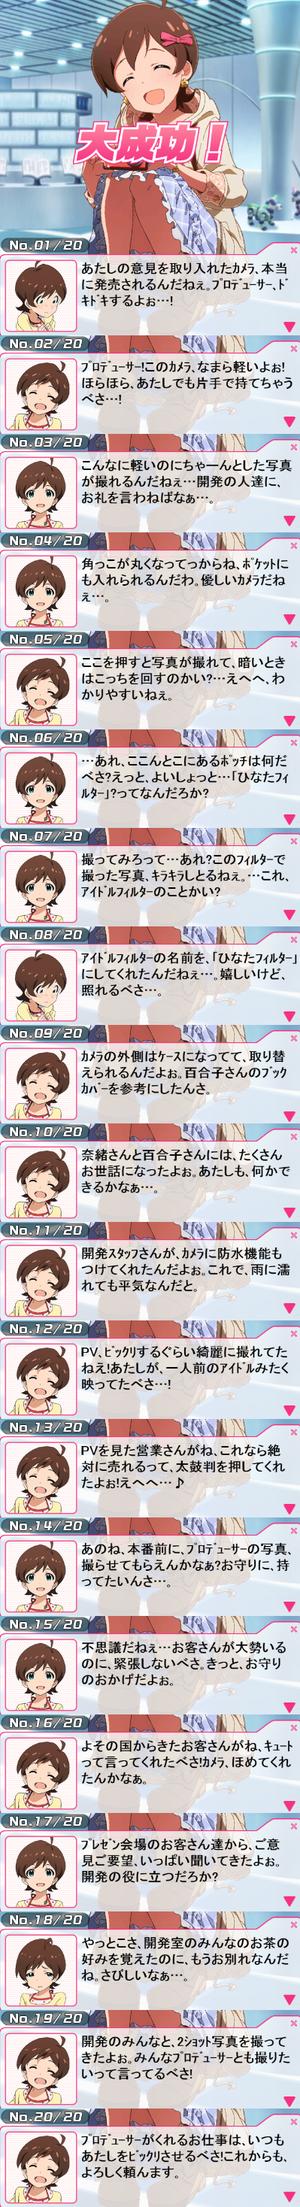 ひなた30-大成功